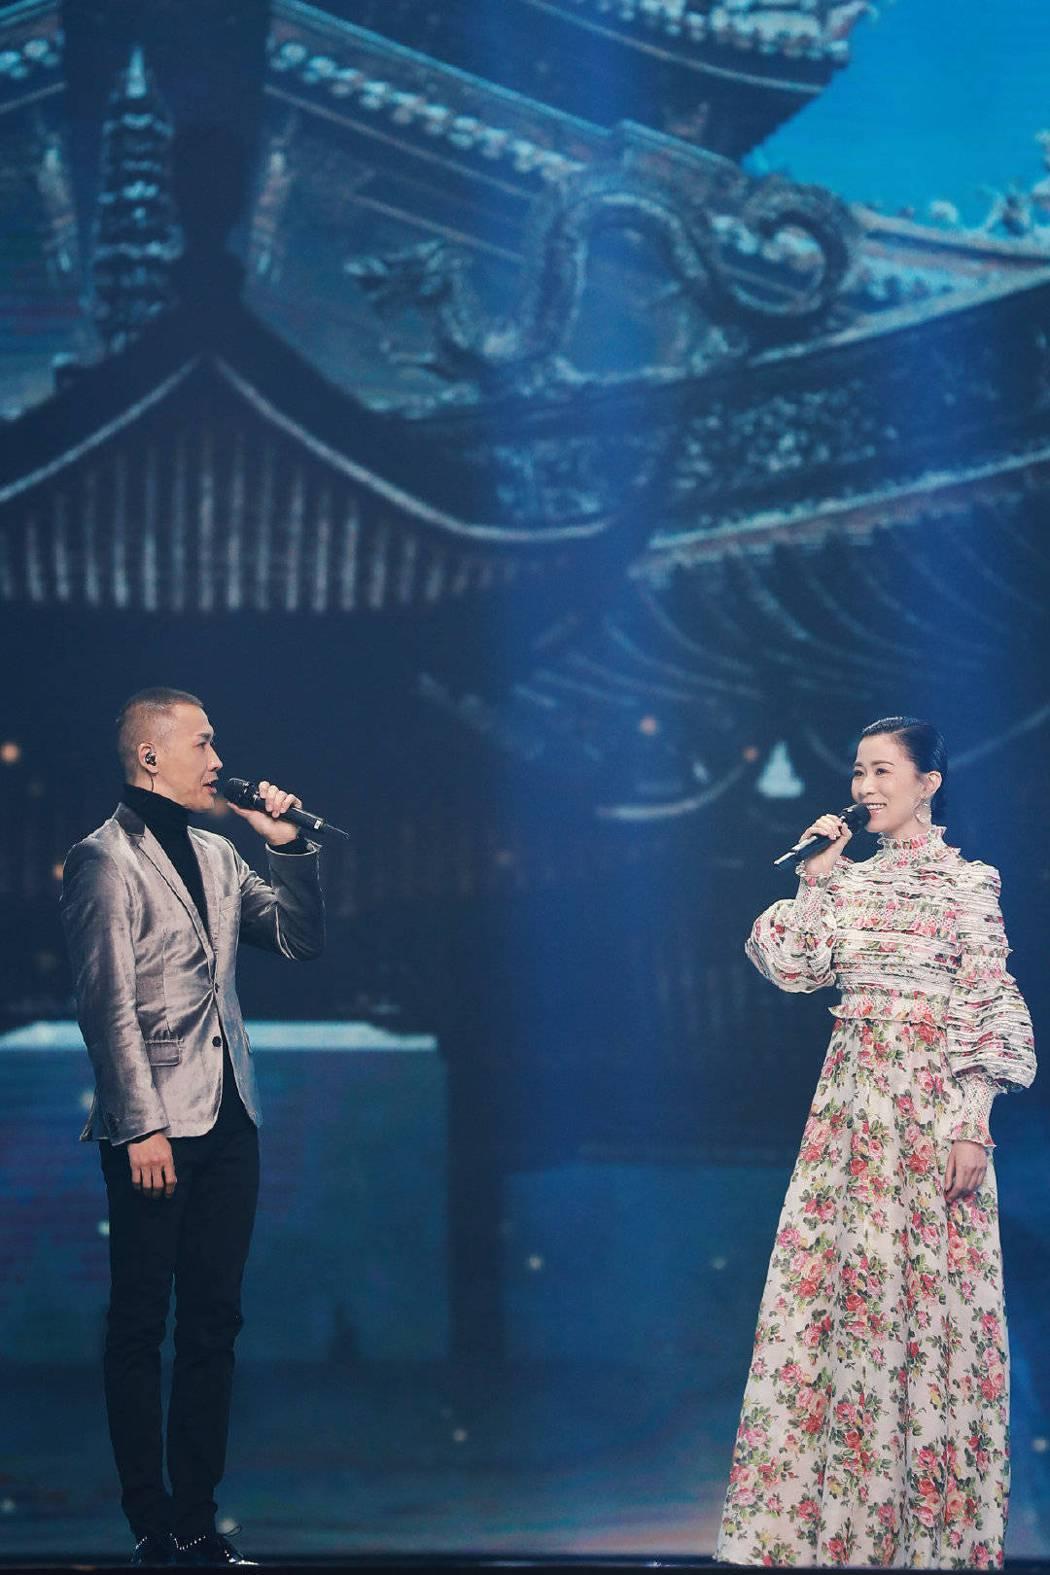 聶遠(左)與佘詩曼合唱。圖/摘自微博